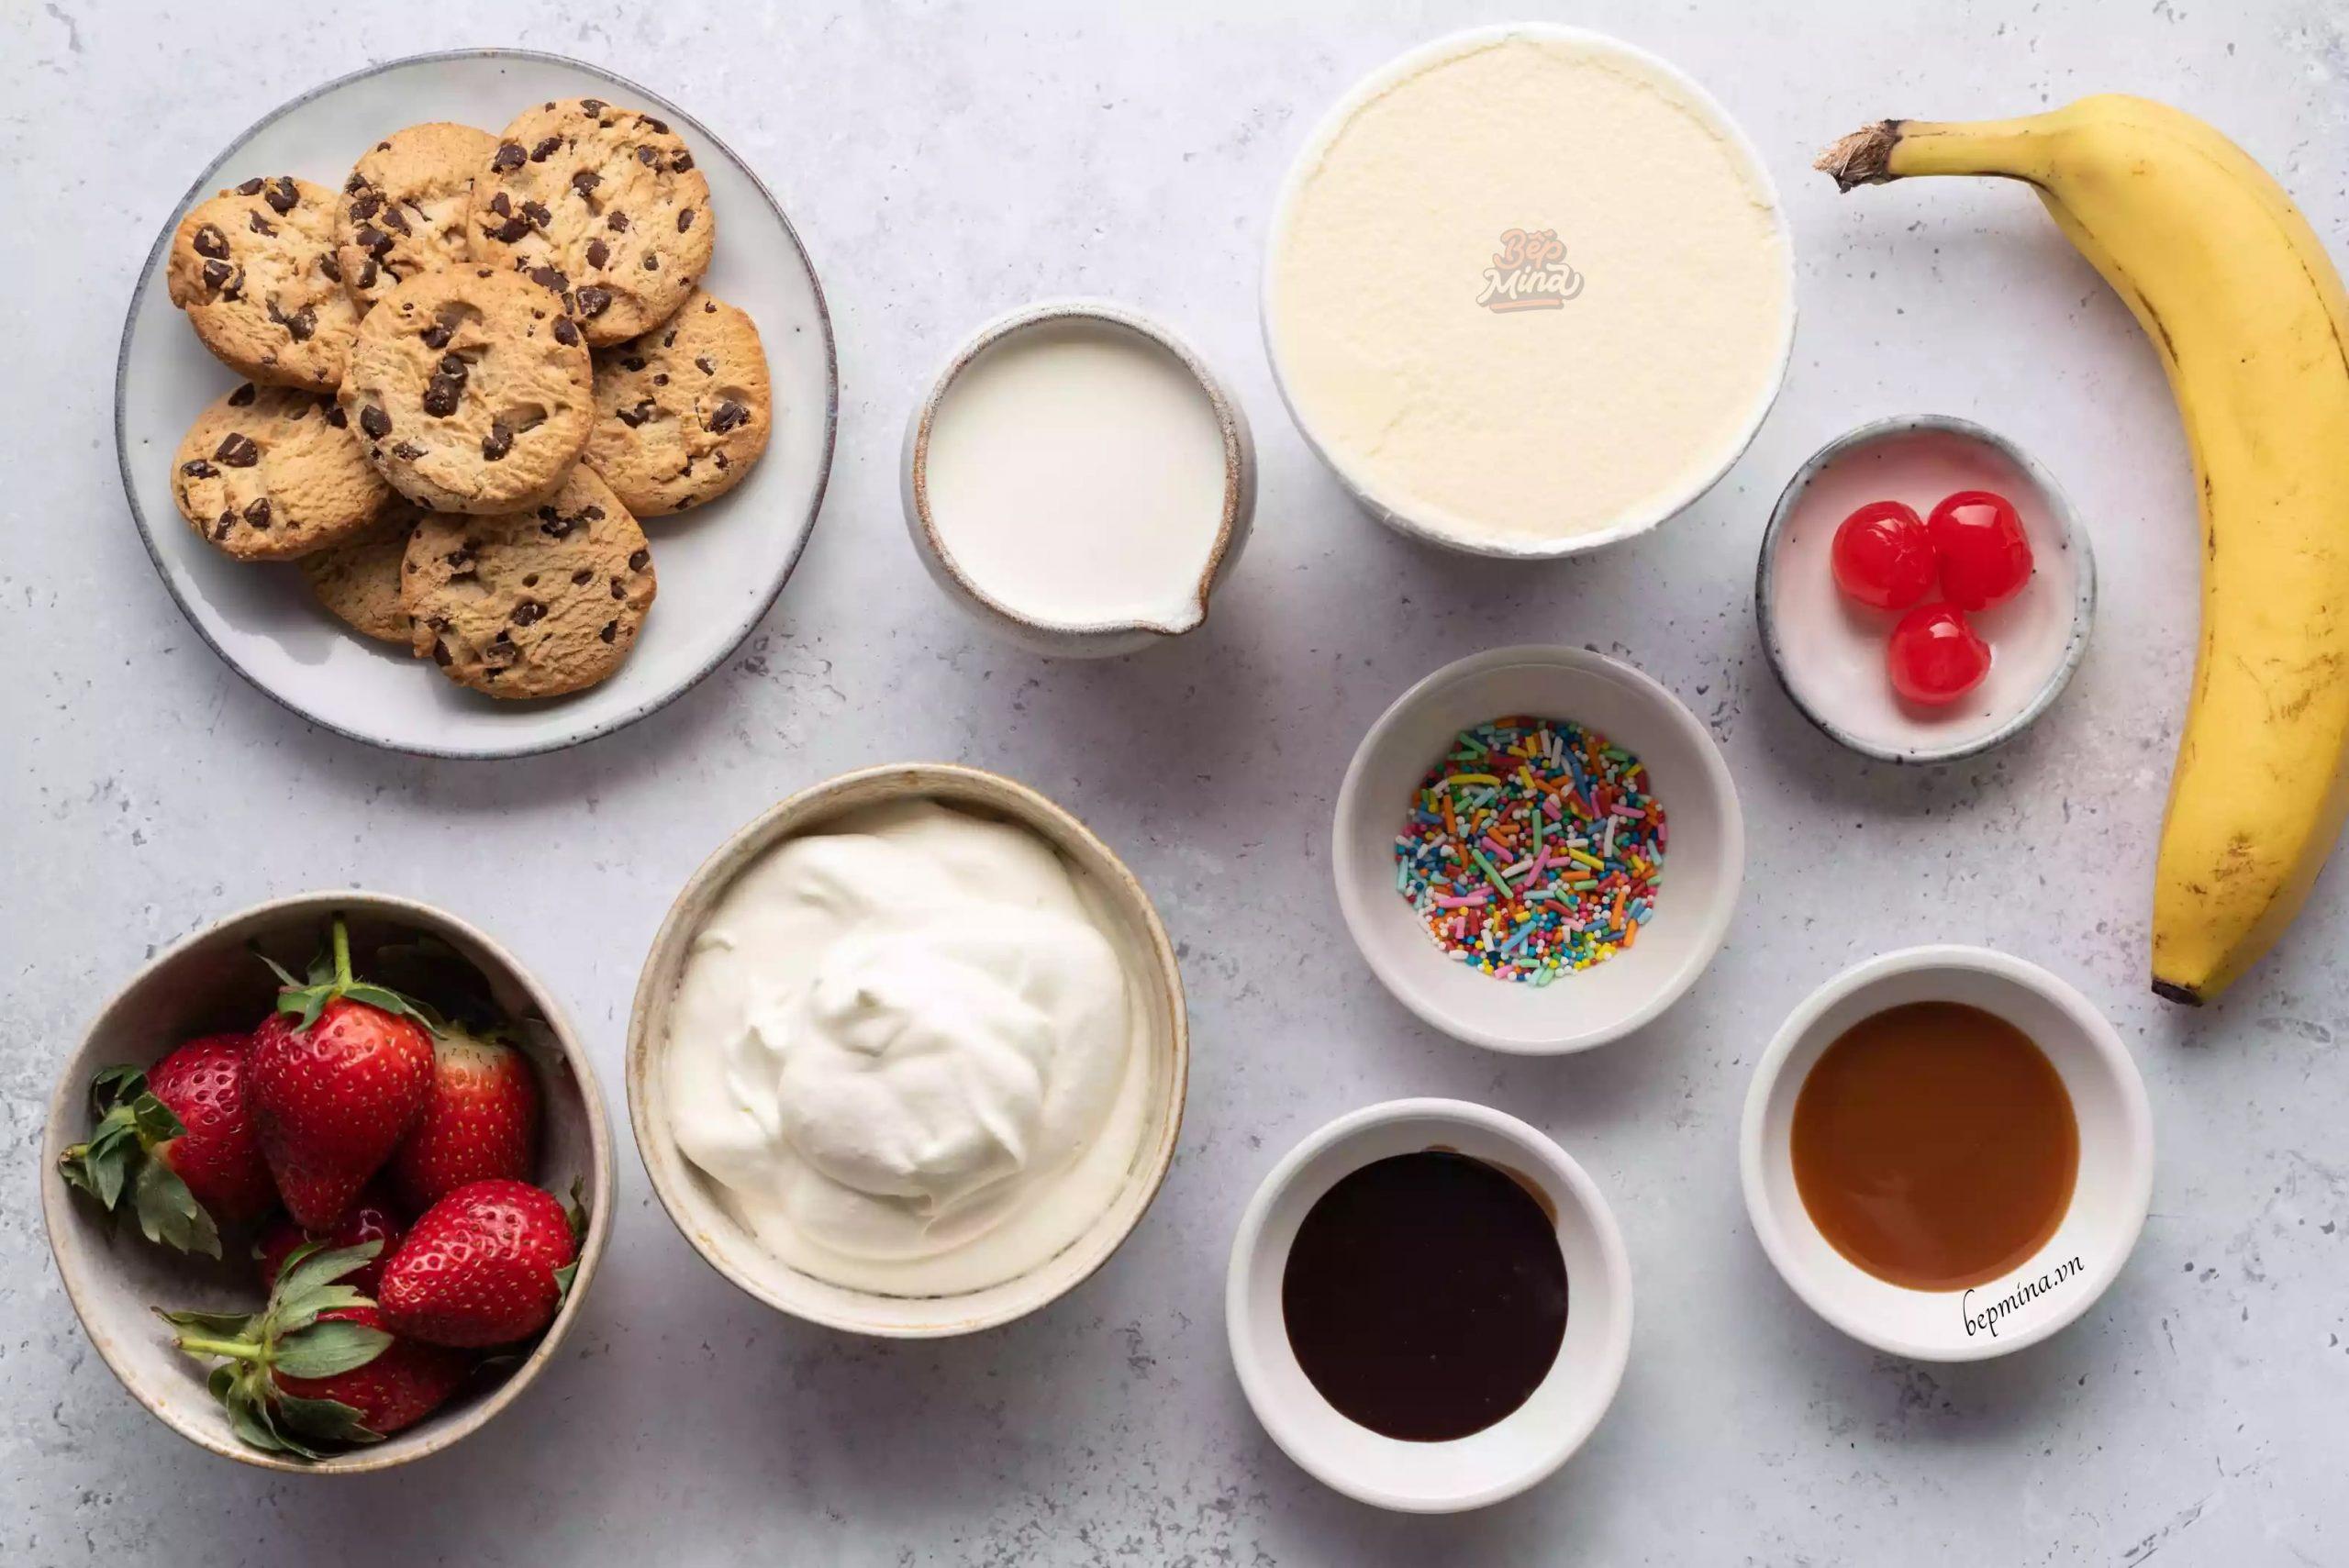 nguyên liệu làm sữa lắc Cookie